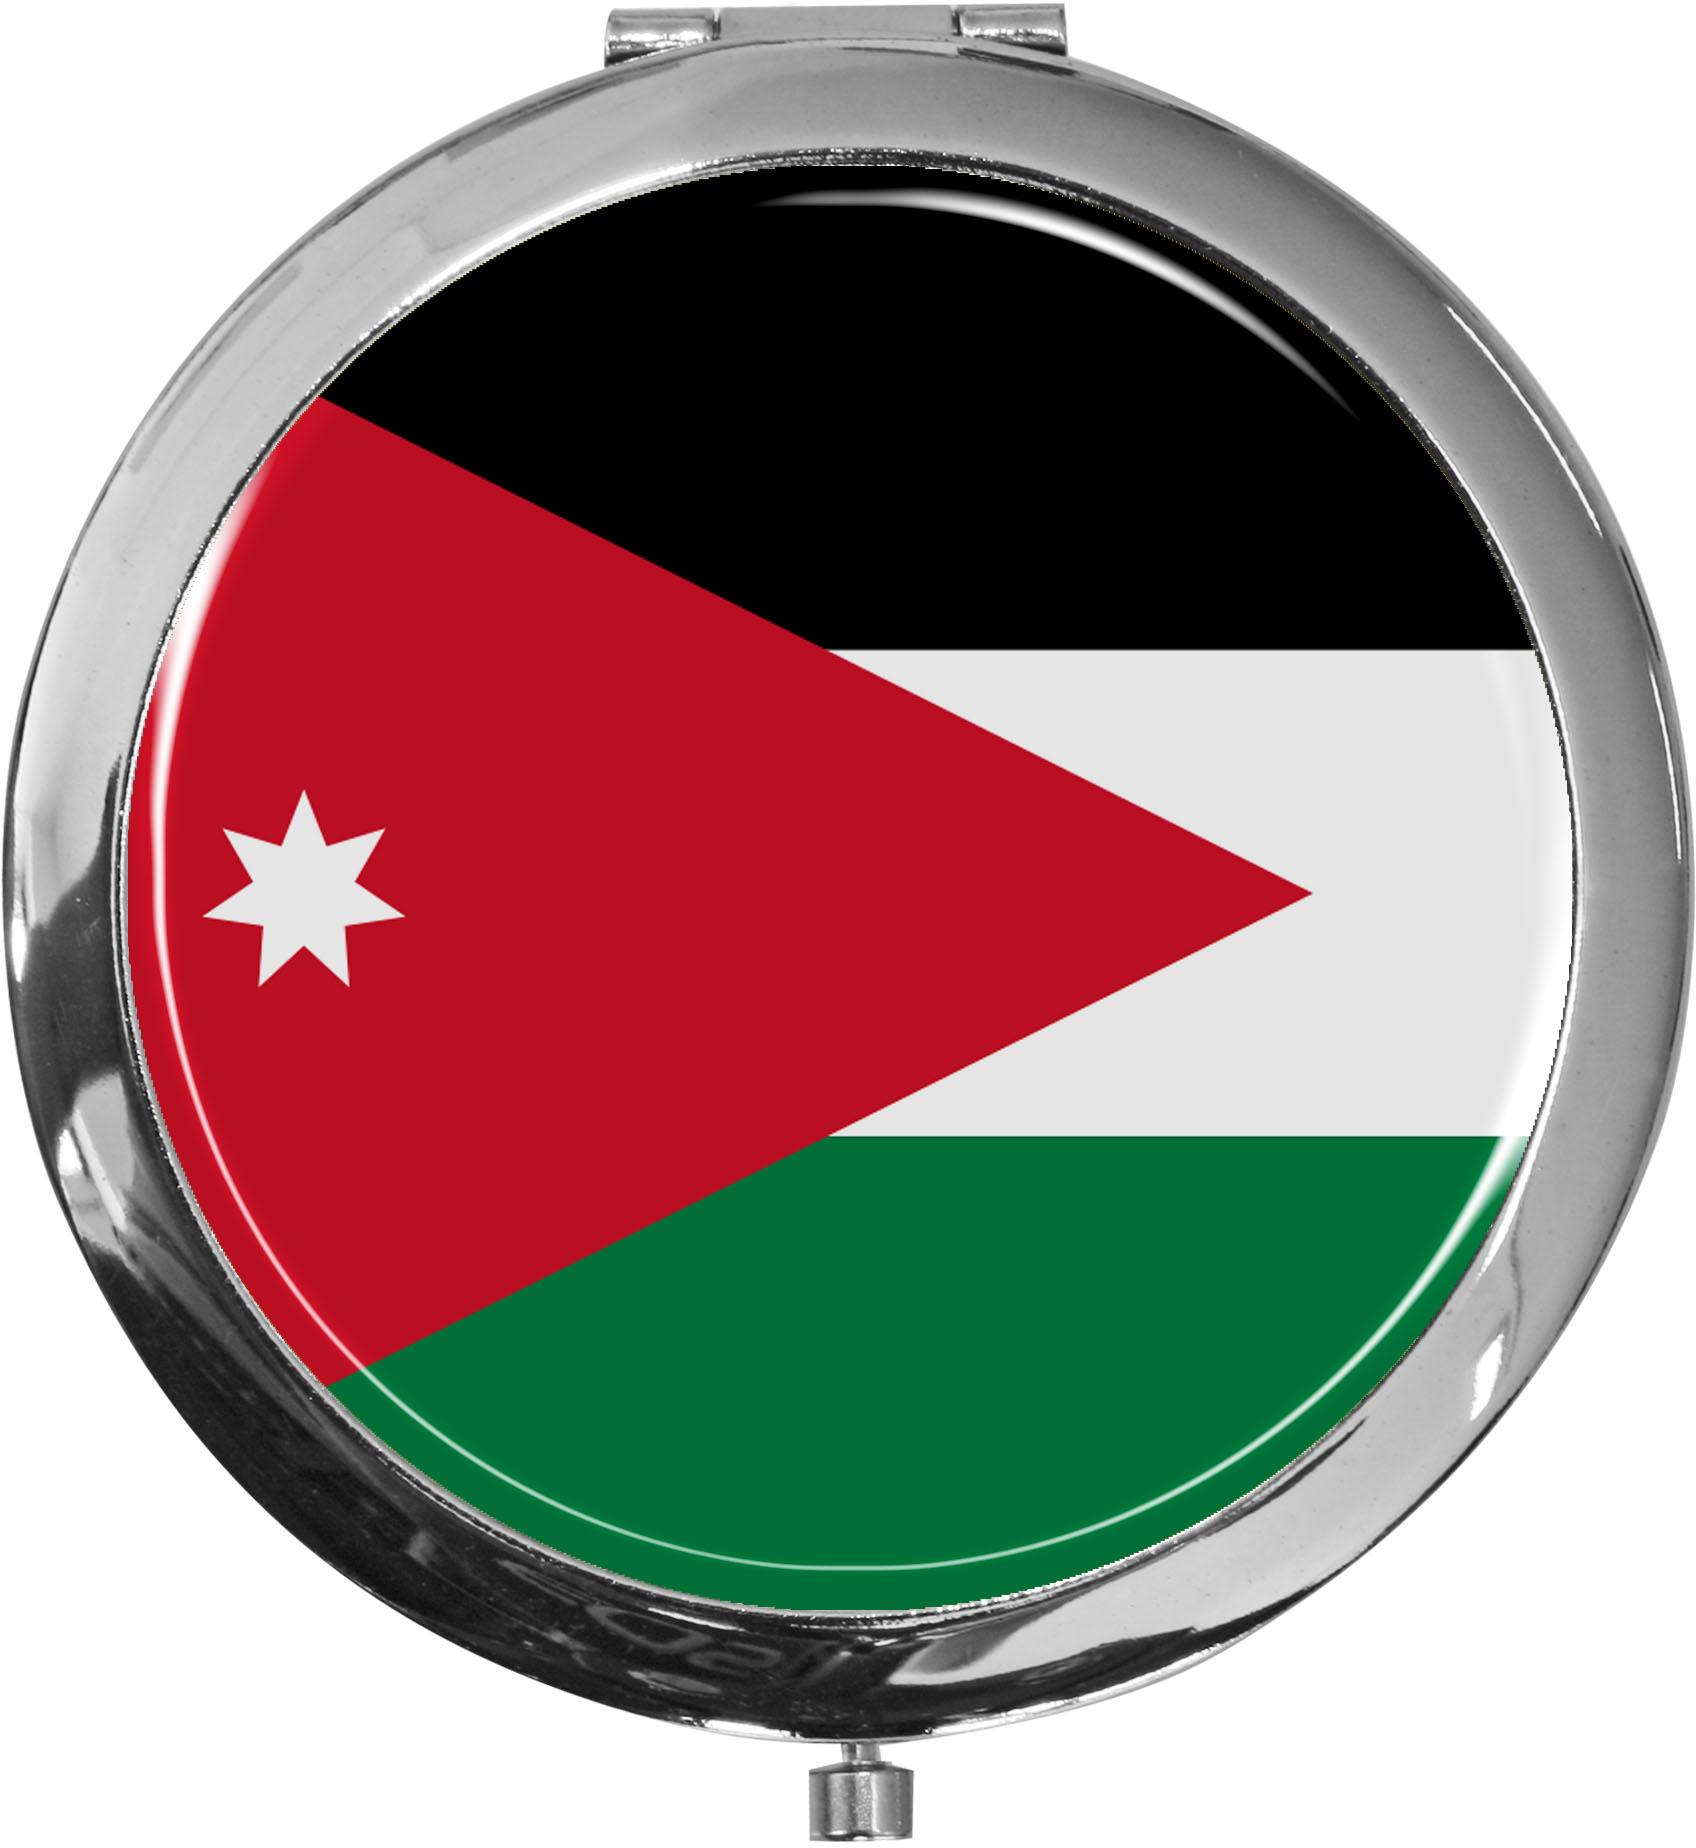 Taschenspiegel / Spiegel / Flagge Jordanien / 2 fache Vergrößerung